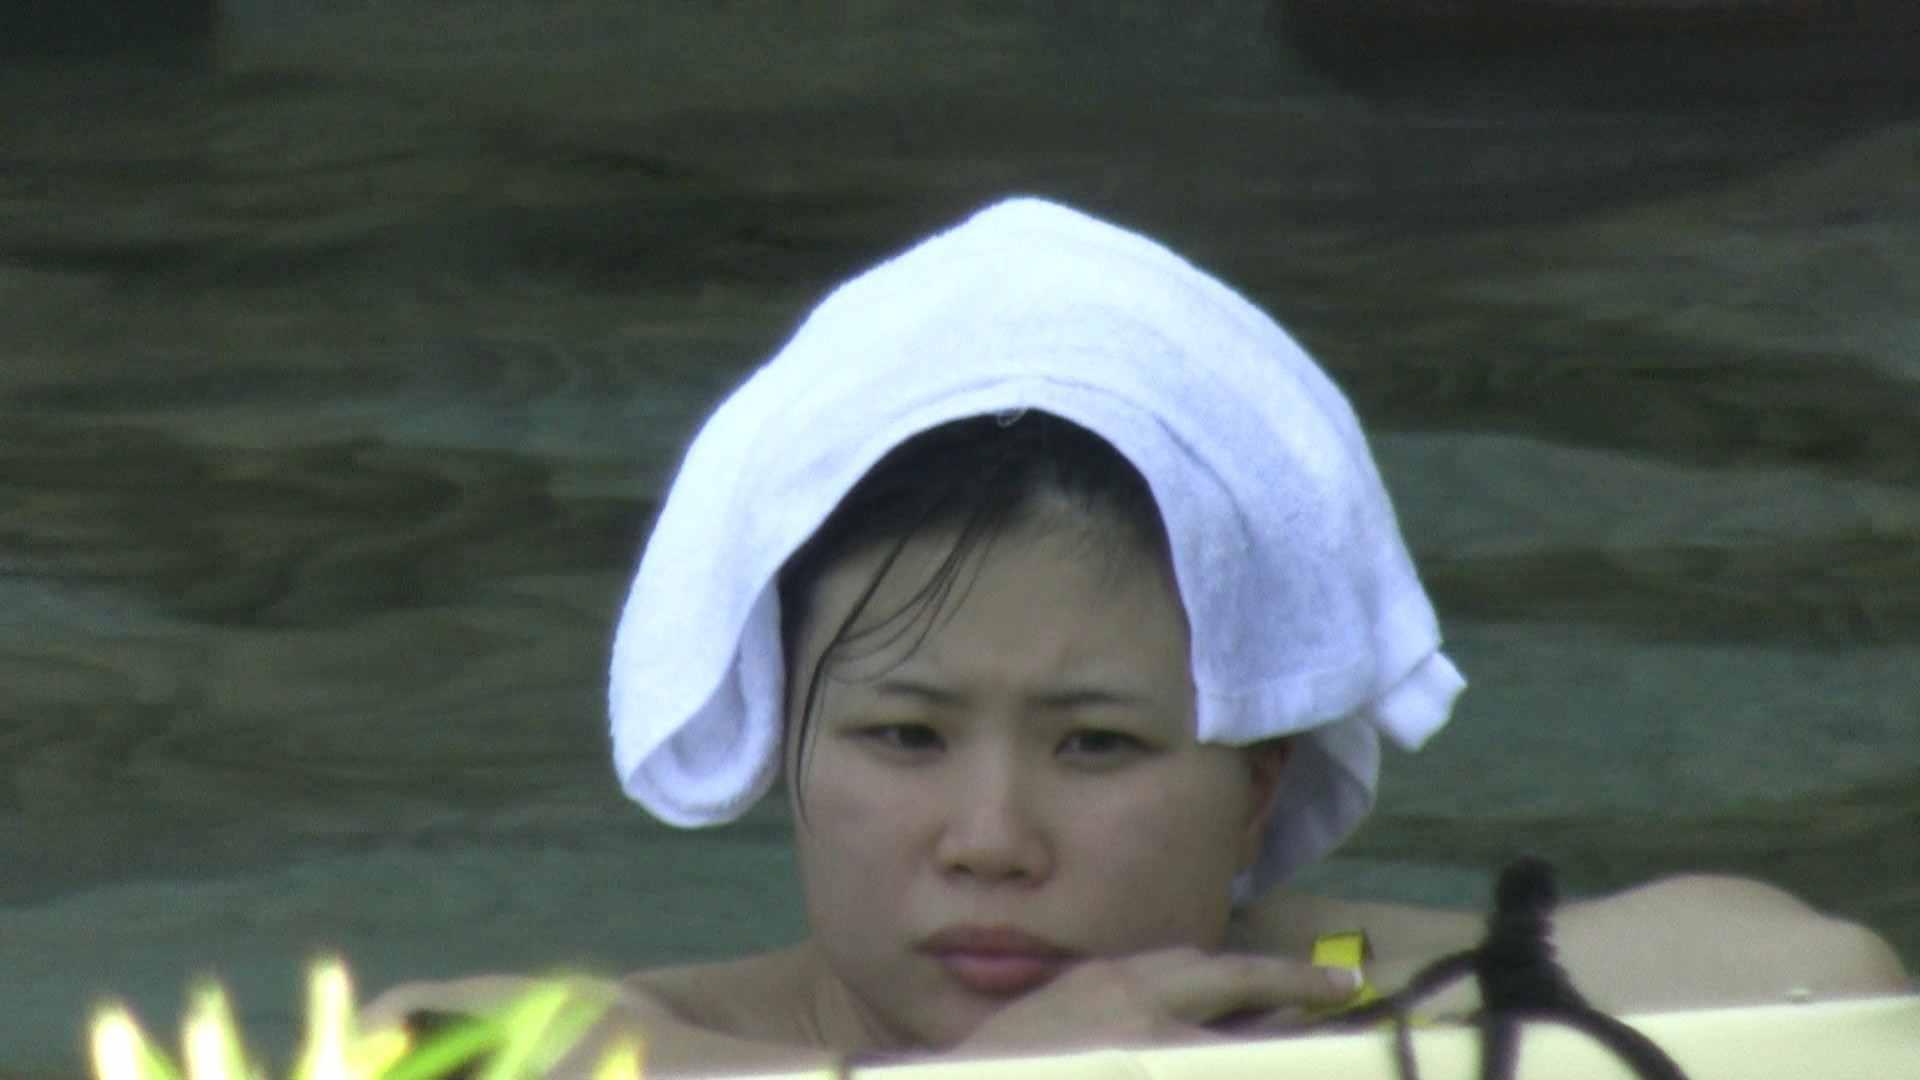 Aquaな露天風呂Vol.183 美しいOLの裸体  105pic 54